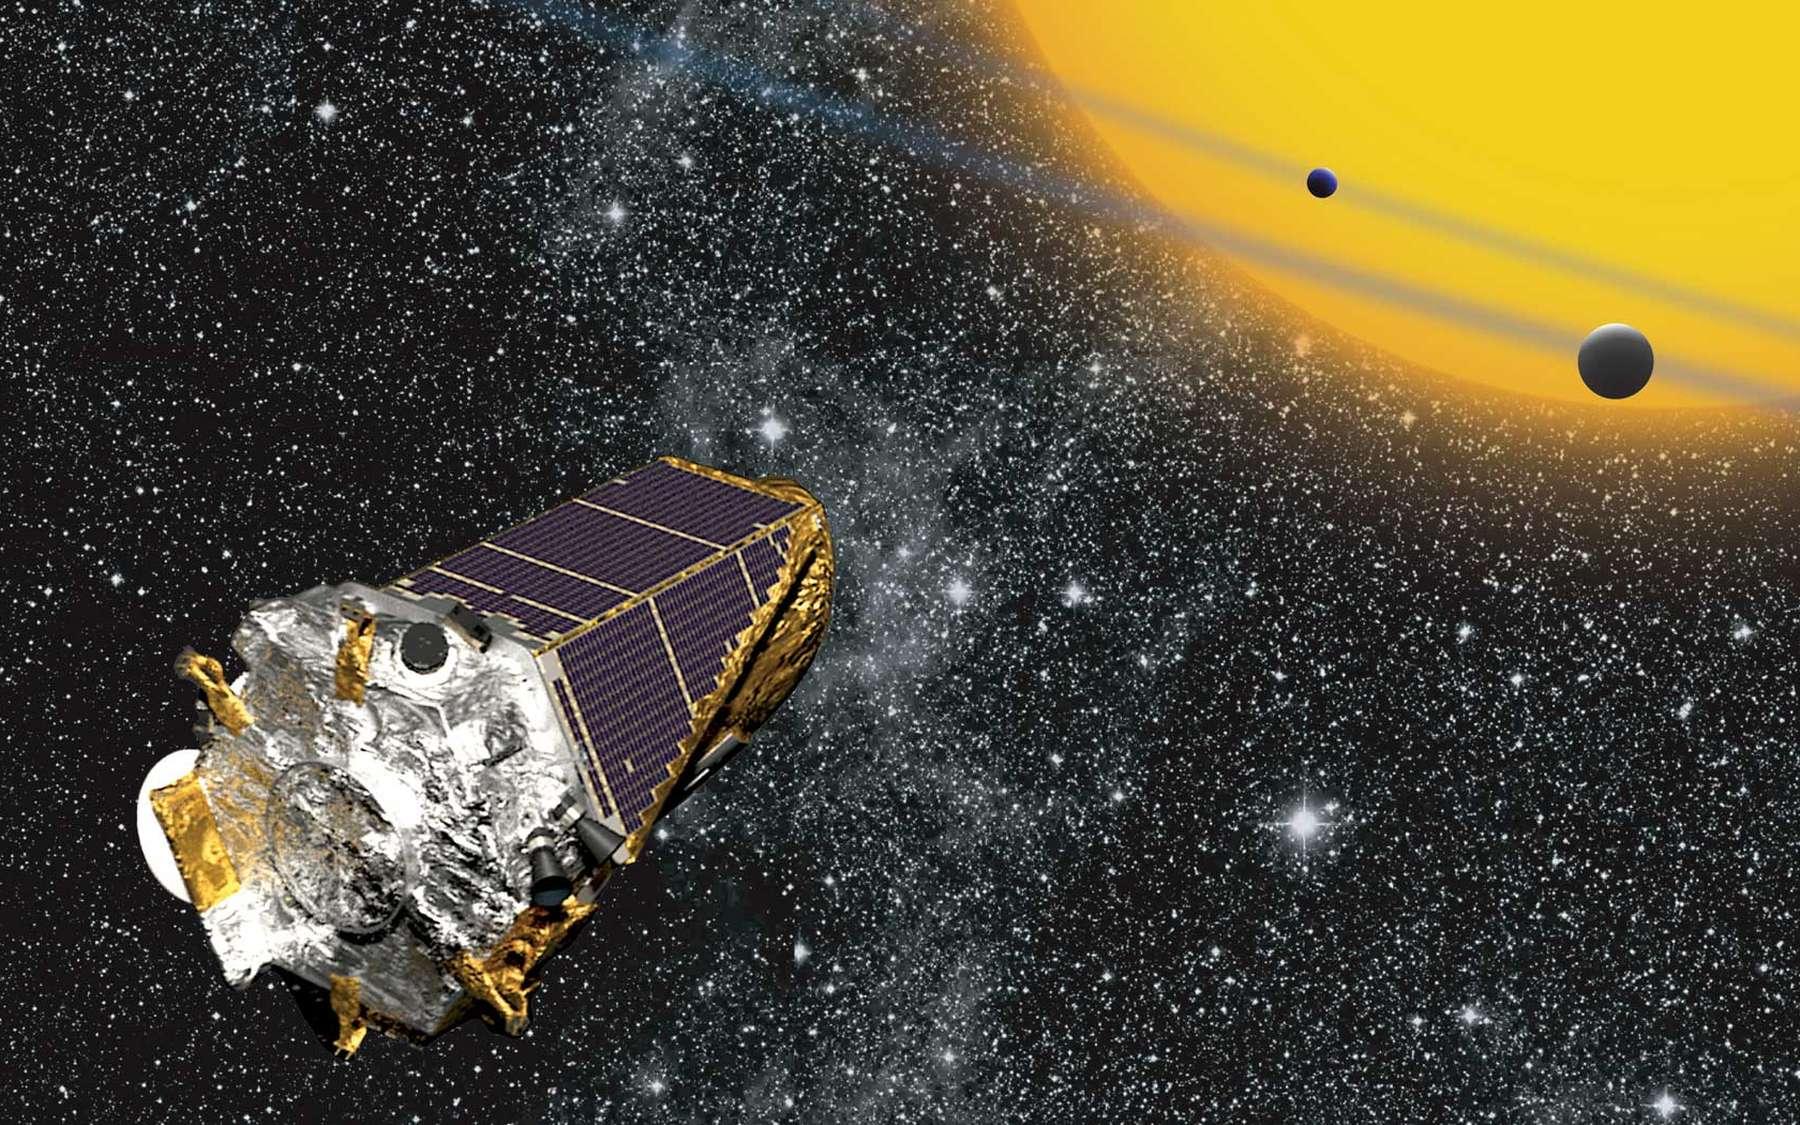 Cette vue d'artiste montre le satellite Kepler, de la Nasa, en train de chasser des exoplanètes par la méthode du transit planétaire. Cet instrument spatial peut aussi étudier les variations de luminosité des étoiles causées par les ondes qui les parcourent : c'est la sismologie stellaire, ou astérosismologie. © Nasa, W Stenzel